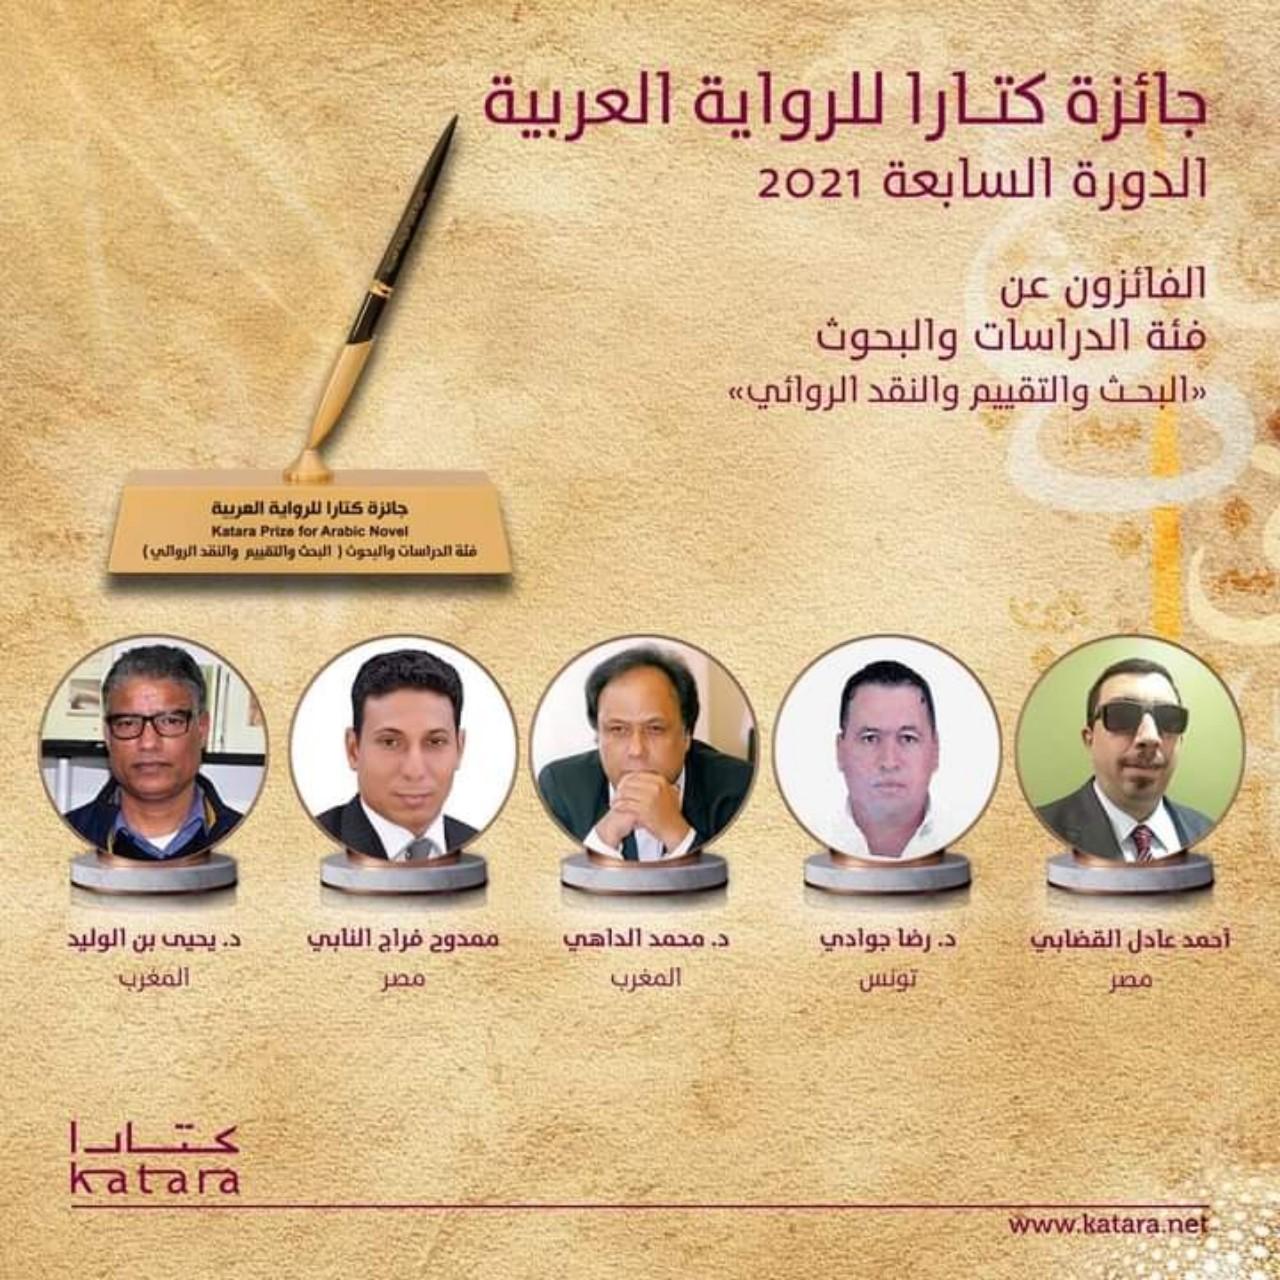 الناقد المغربي محمد الداهي يتوج بجائزة كتارا في دورتها السابعة